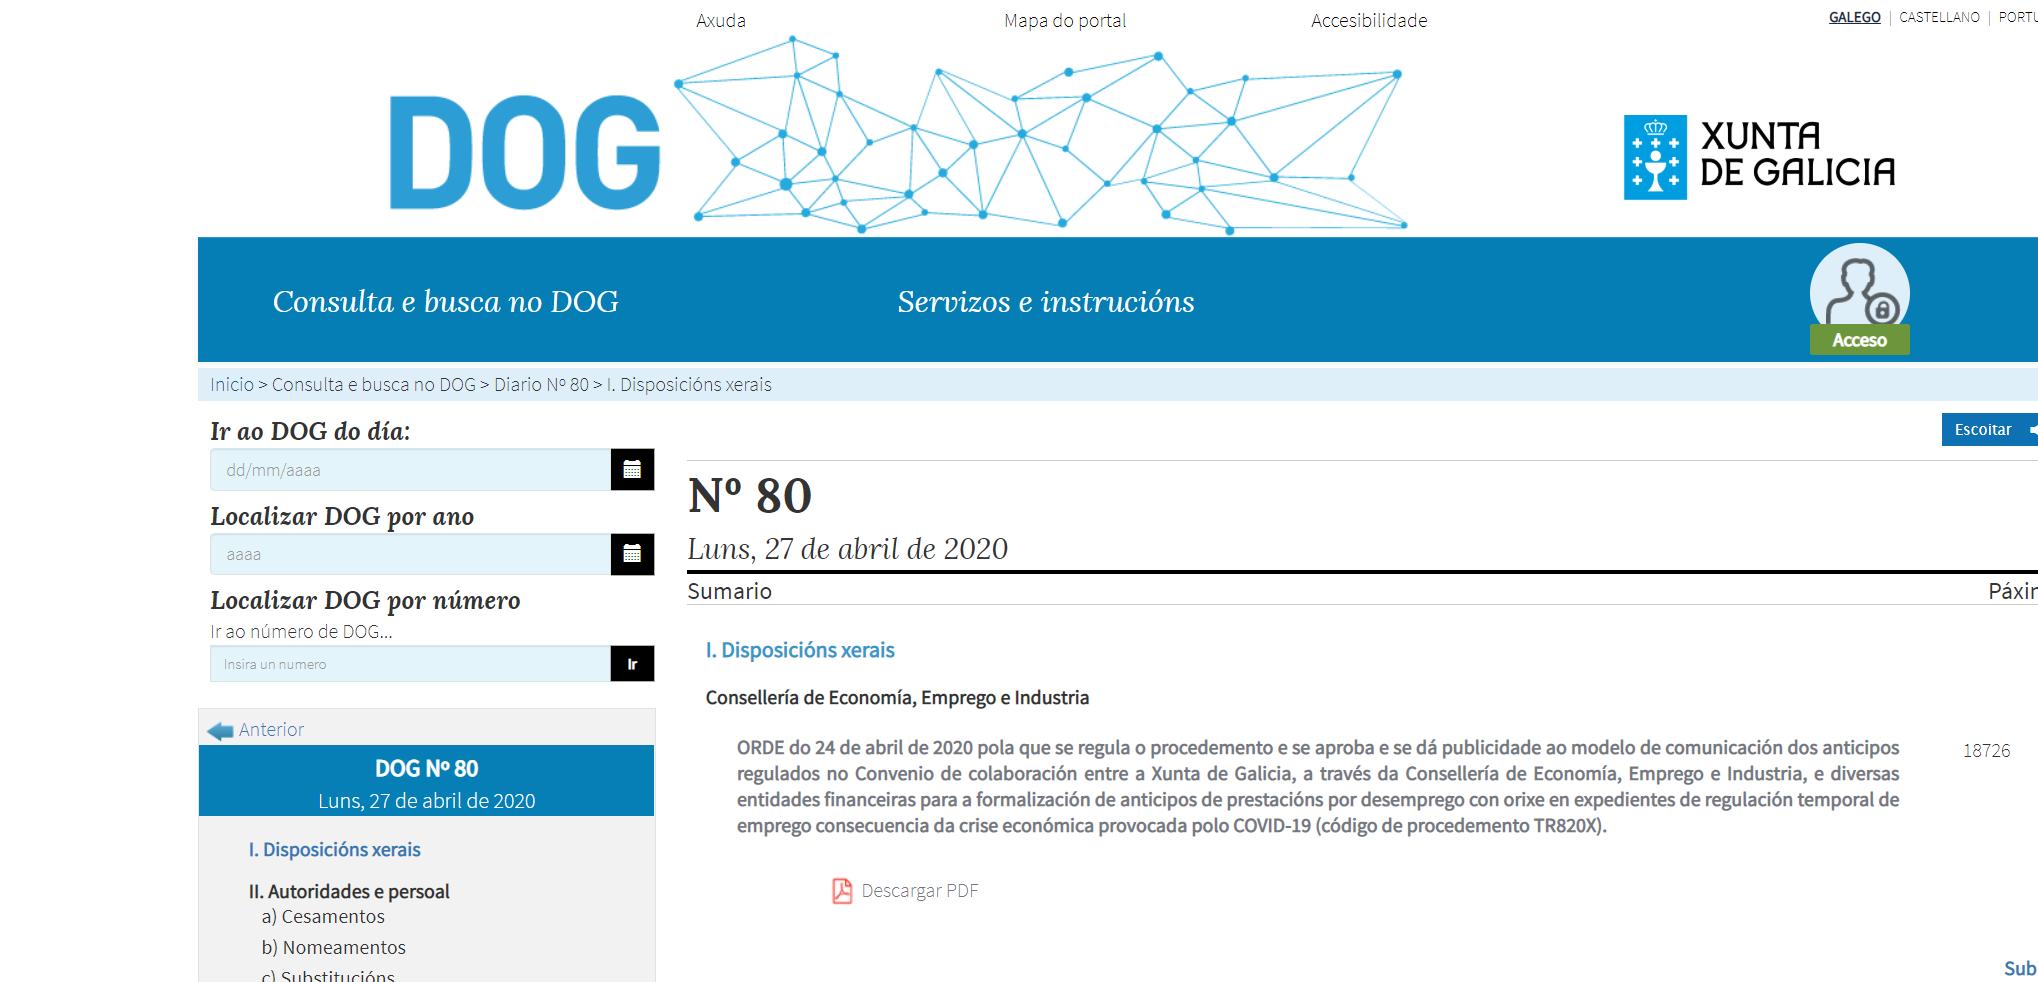 Los trabajadores afectados por ERTE pendientes de cobrar ya pueden solicitar un anticipo de 1.500 euros a la Xunta de Galicia